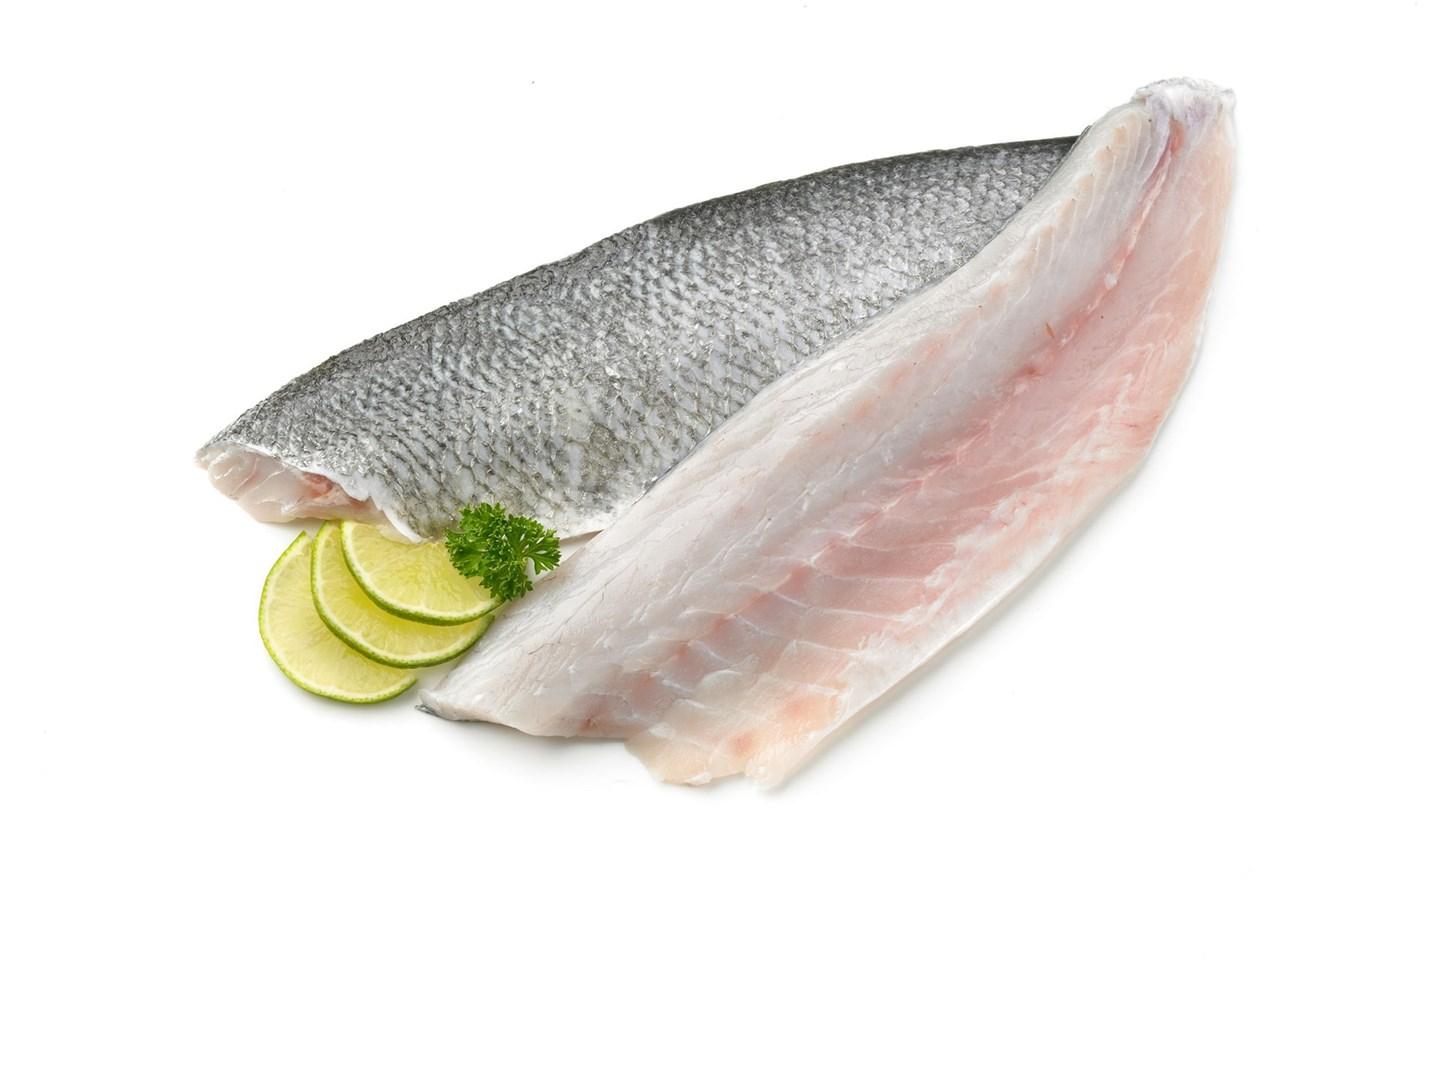 Productafbeelding Zeebaars kweek 300-400 gram, filet met vel geschubd